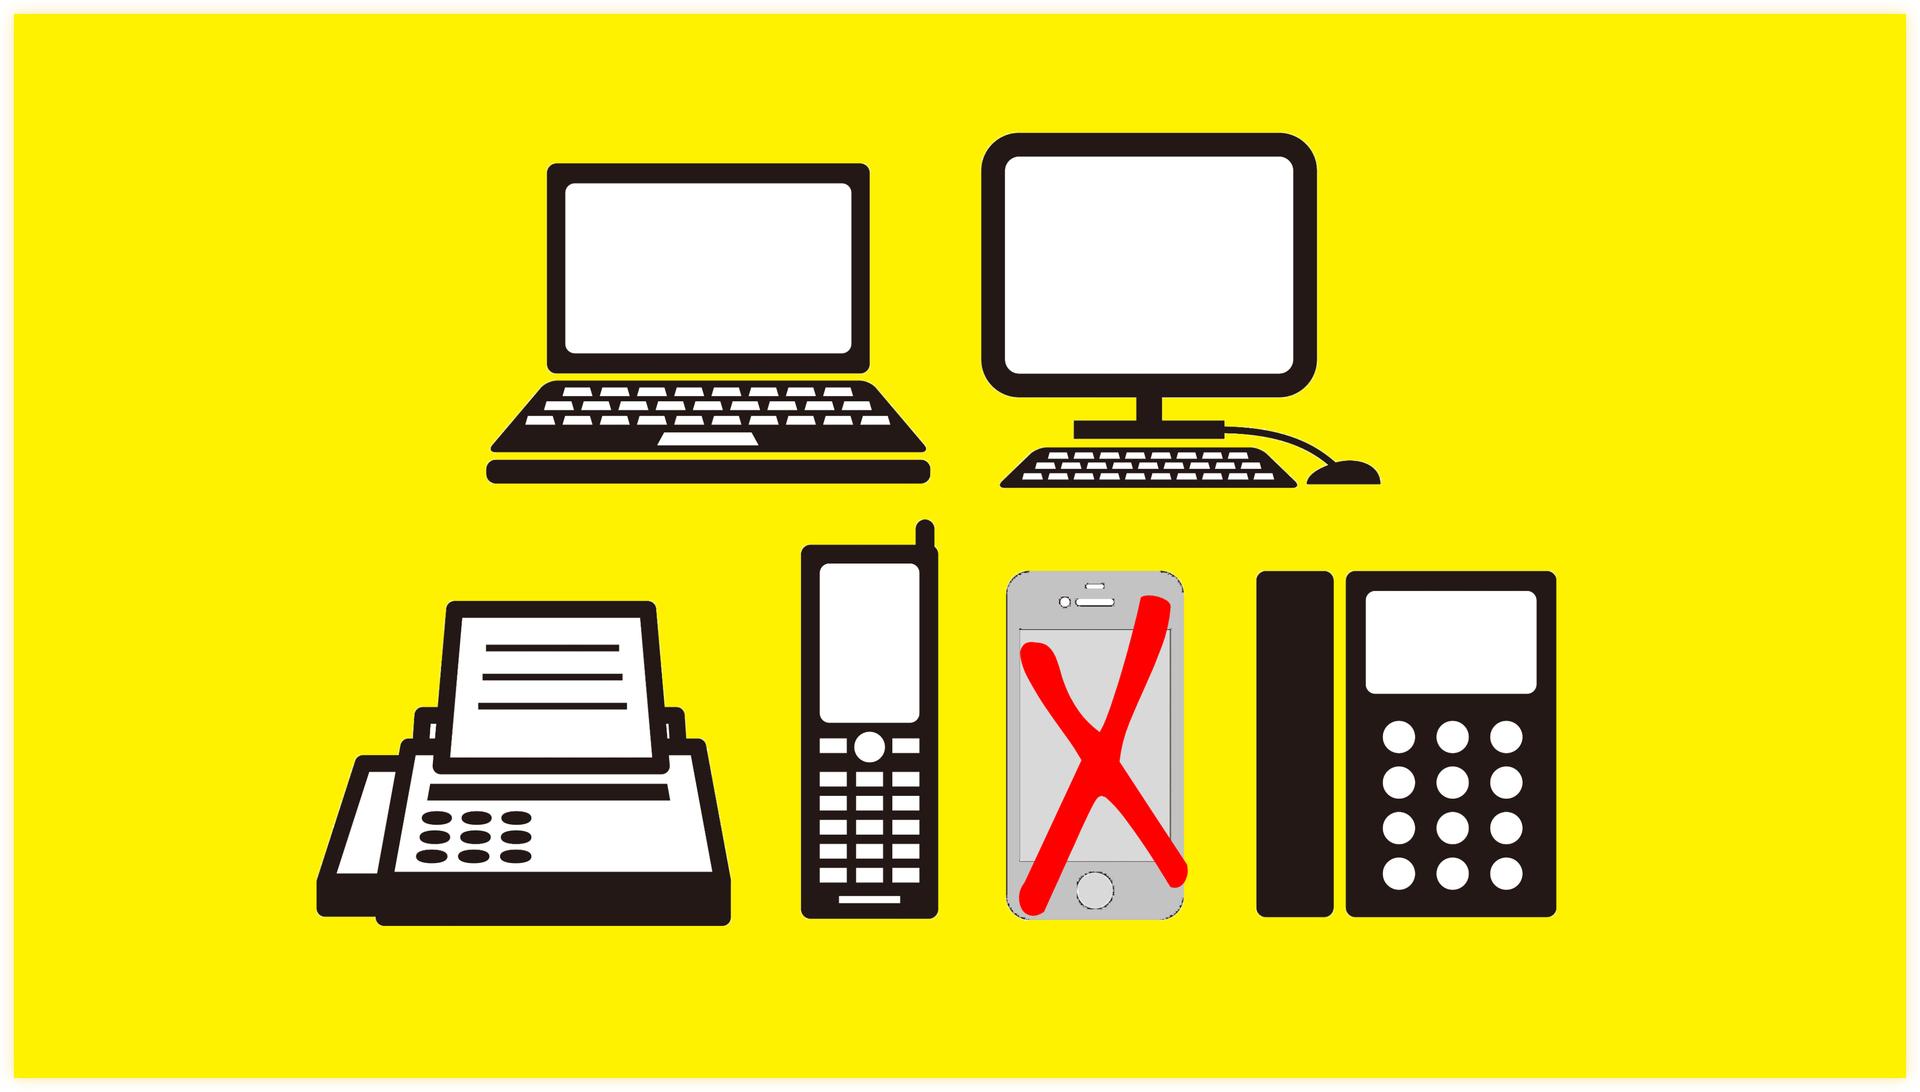 固定電話、FAX、ガラケーでもサポートする・・|職住隣接物語 ngsw.net